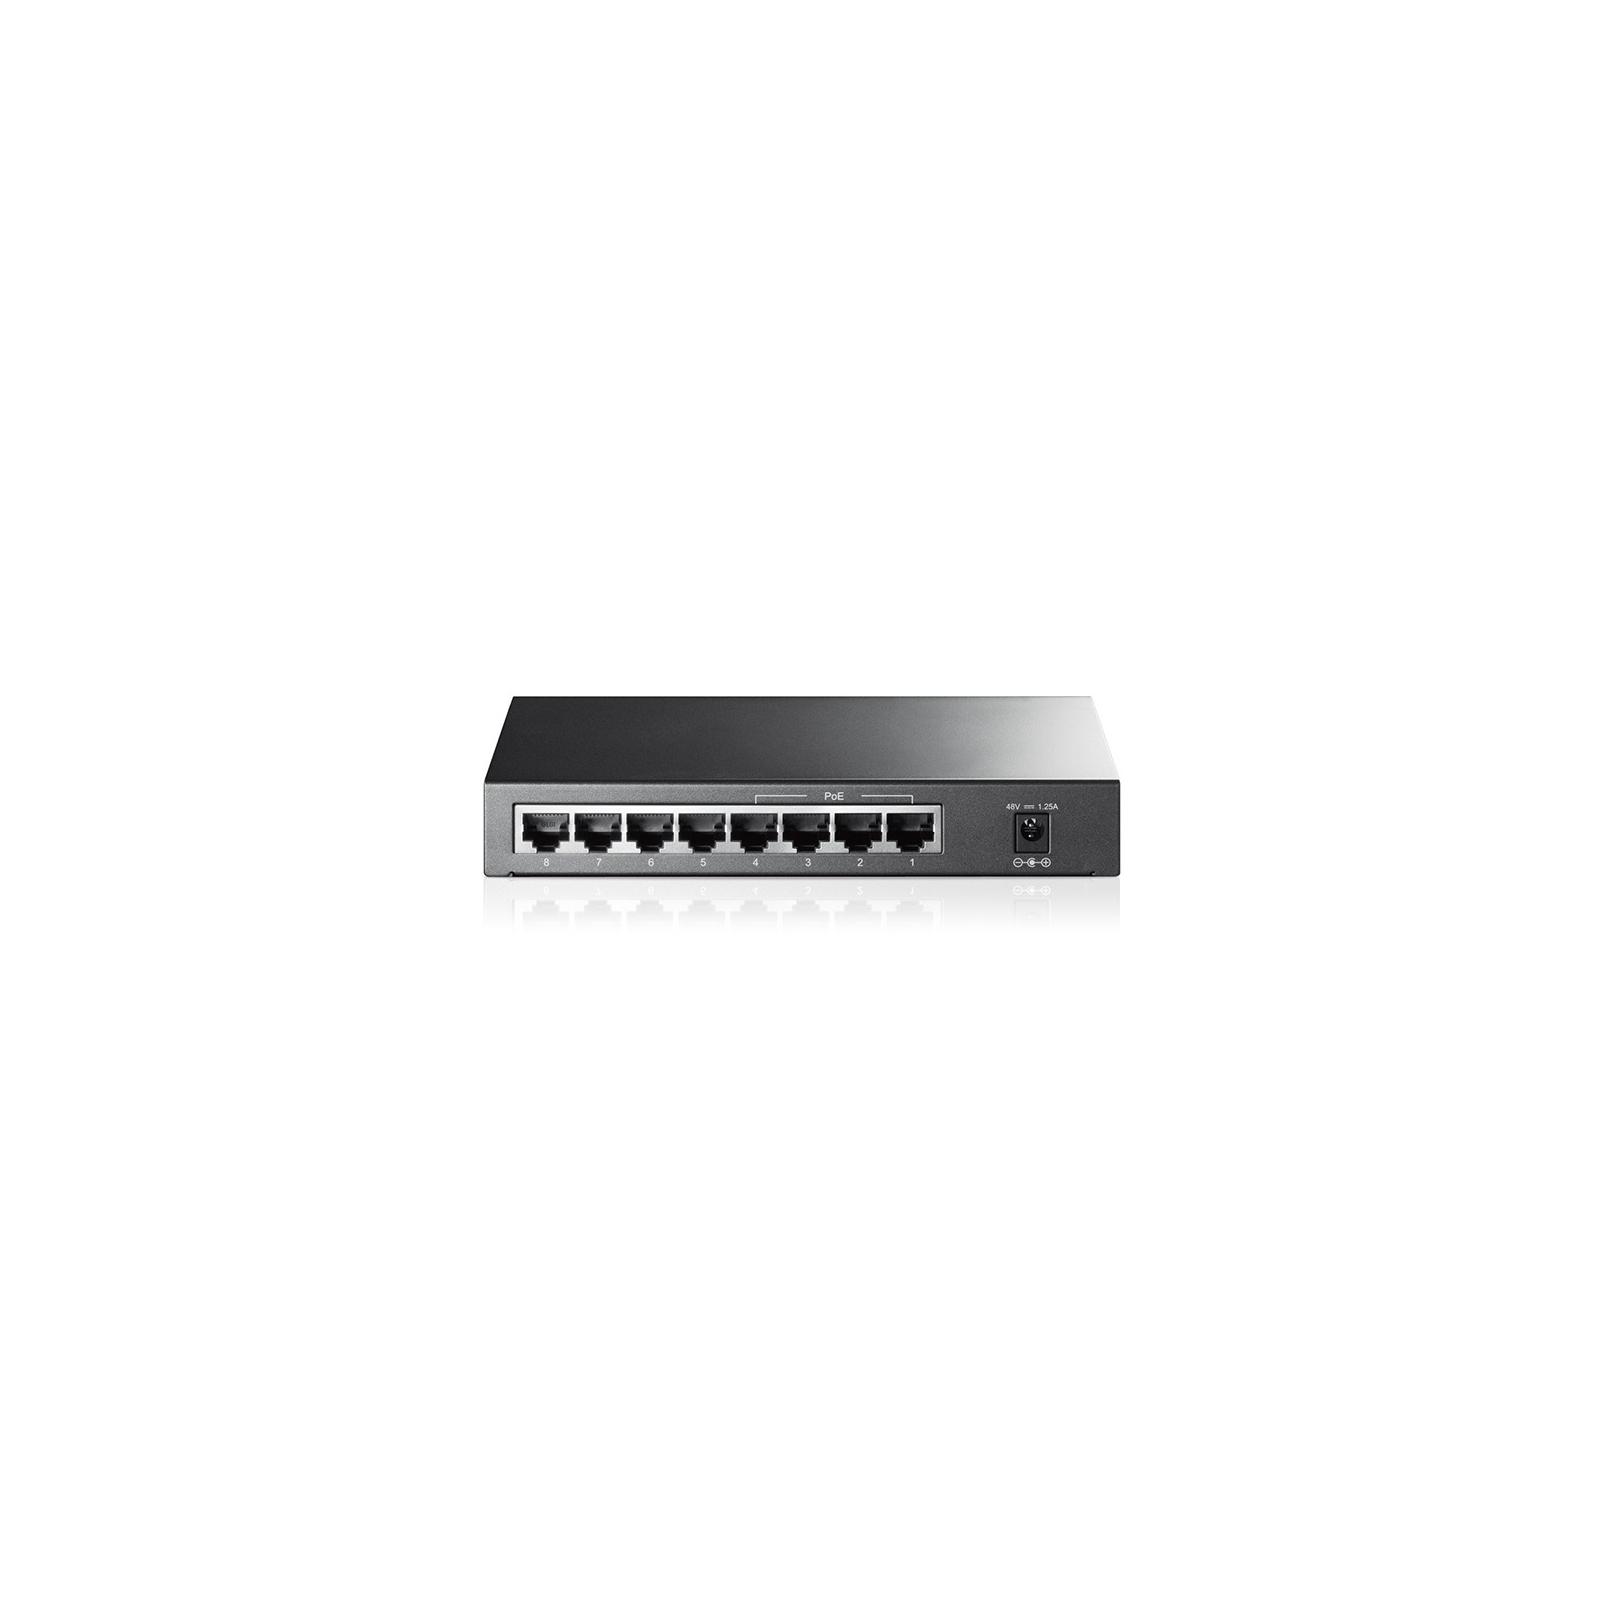 Коммутатор сетевой TP-Link TL-SF1008P изображение 2